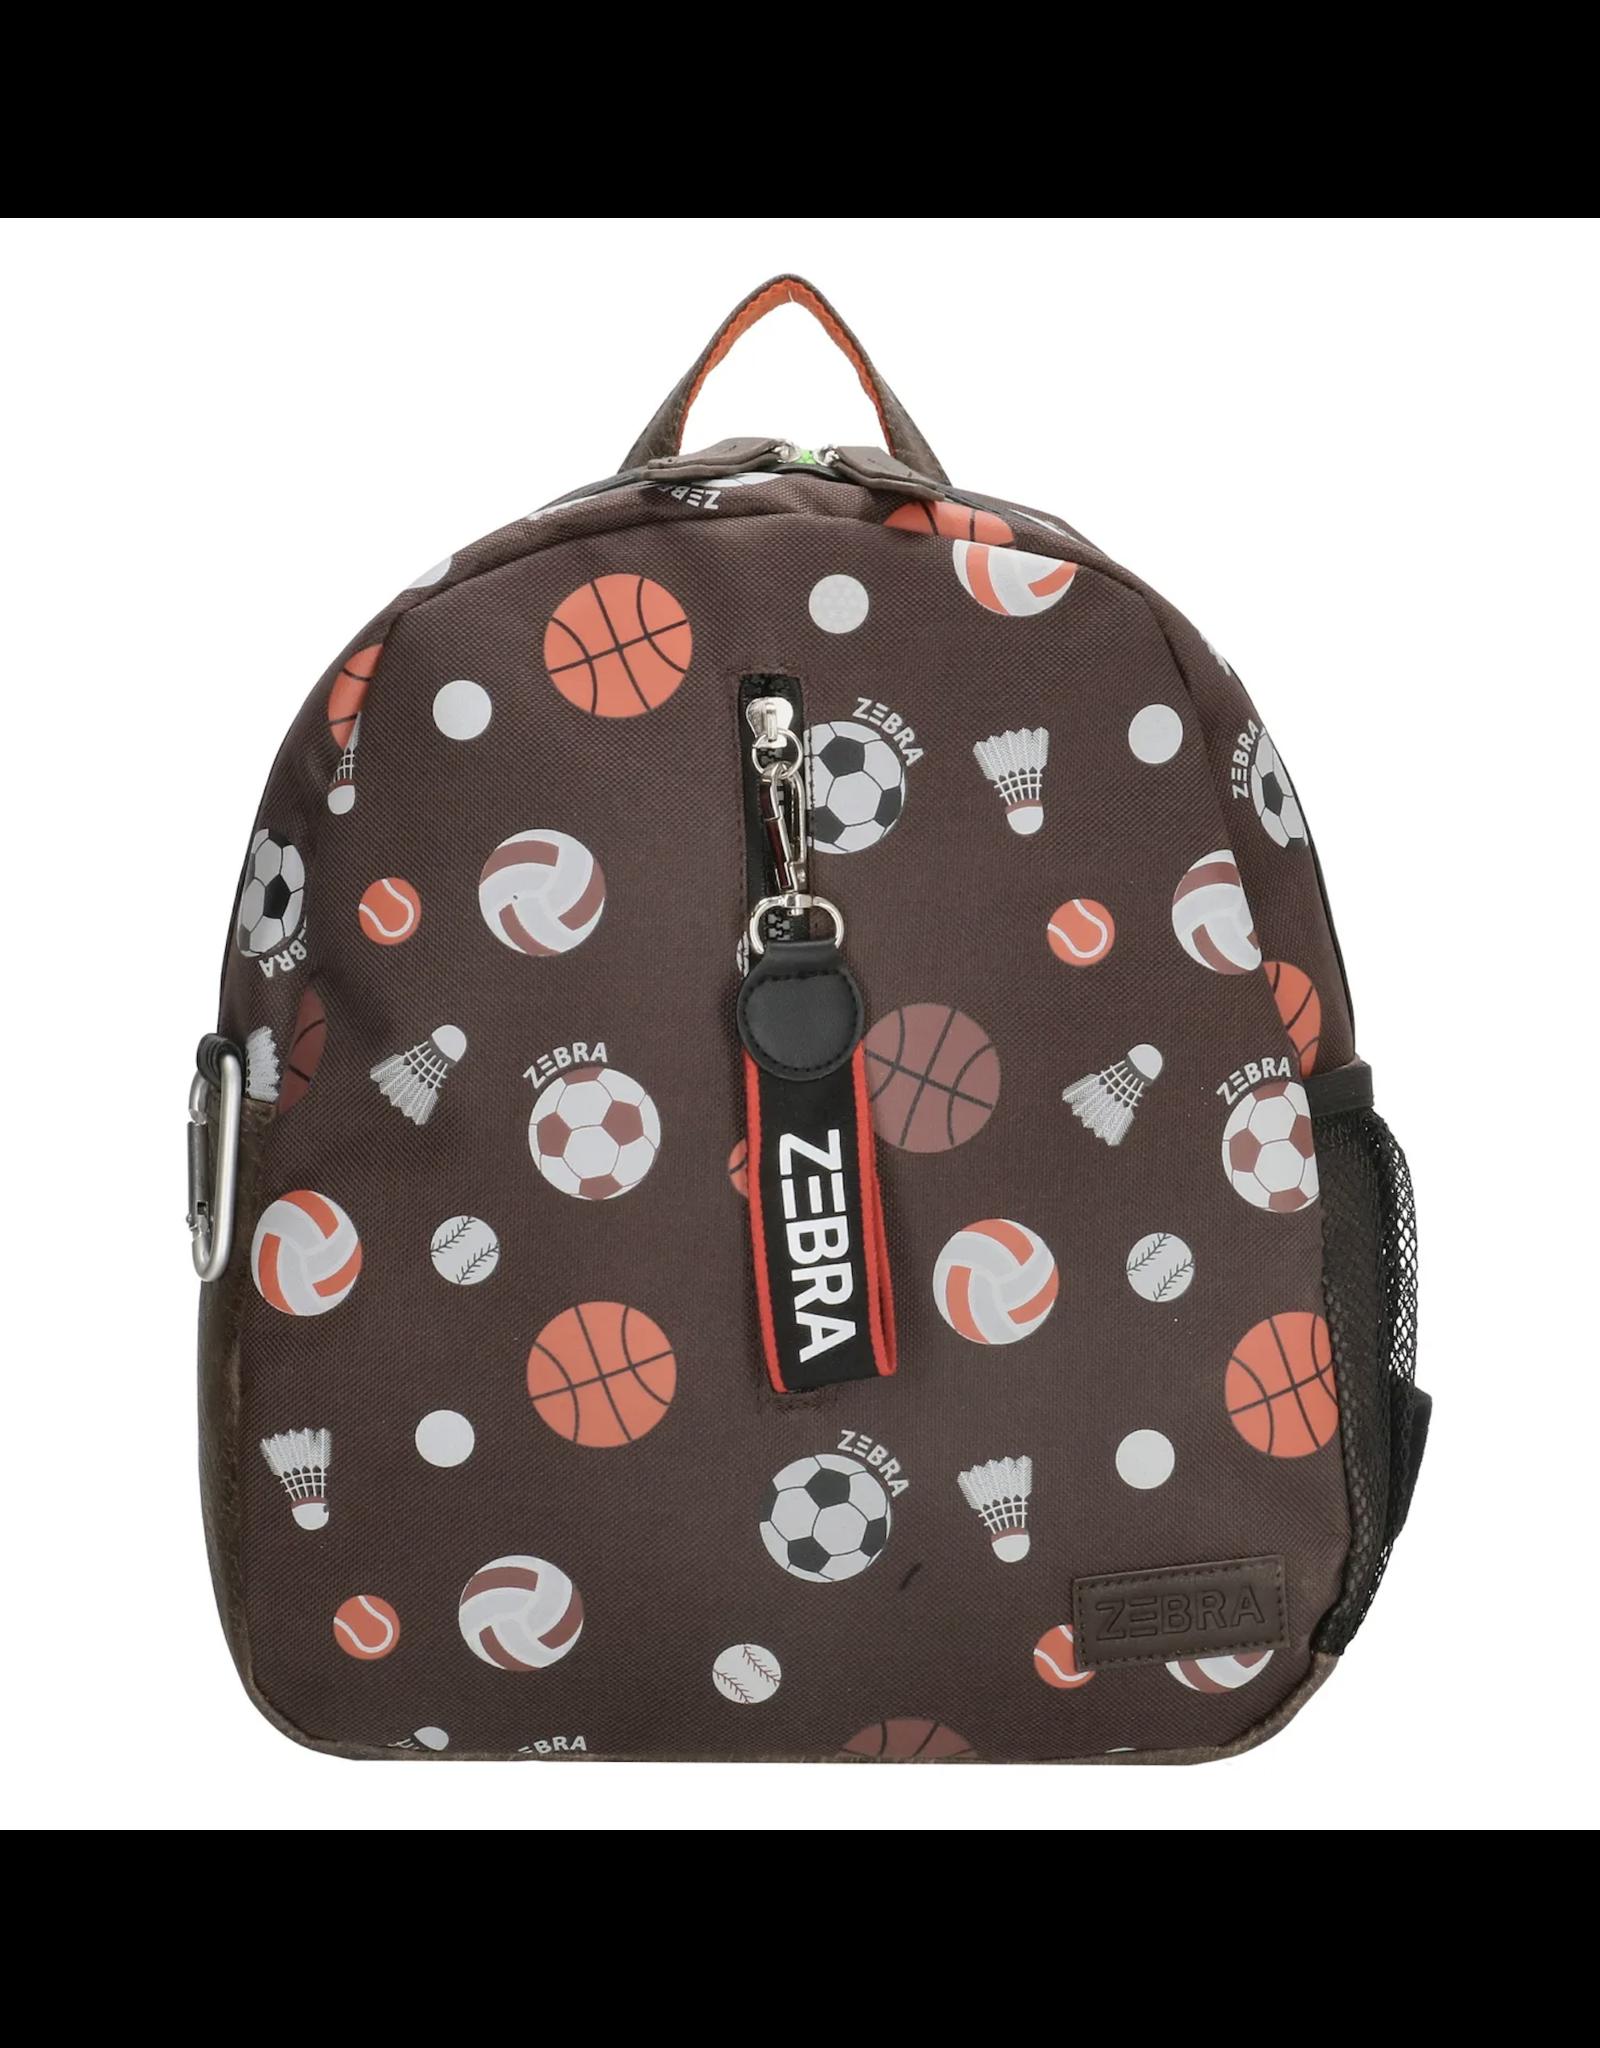 Zebra Backpack Boys Sports